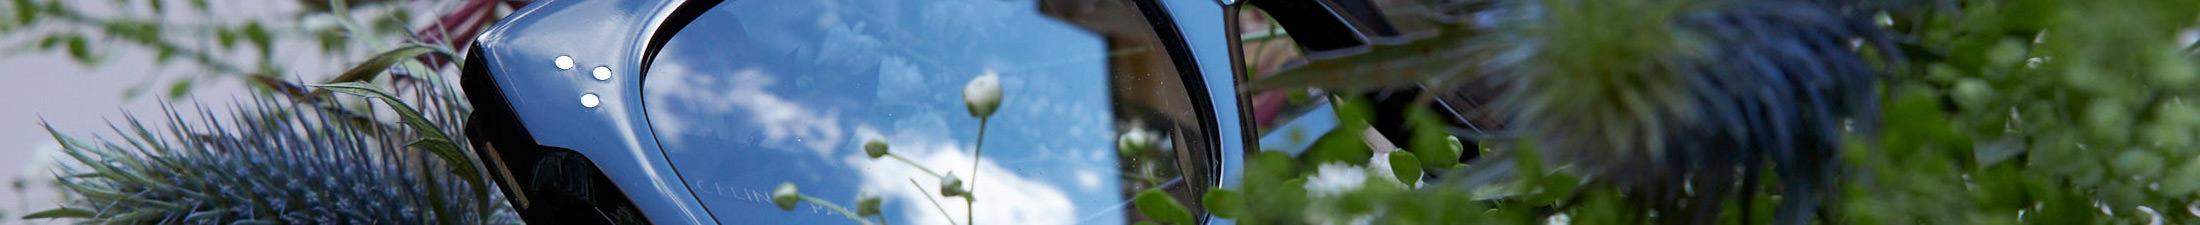 Celine solglasögon top